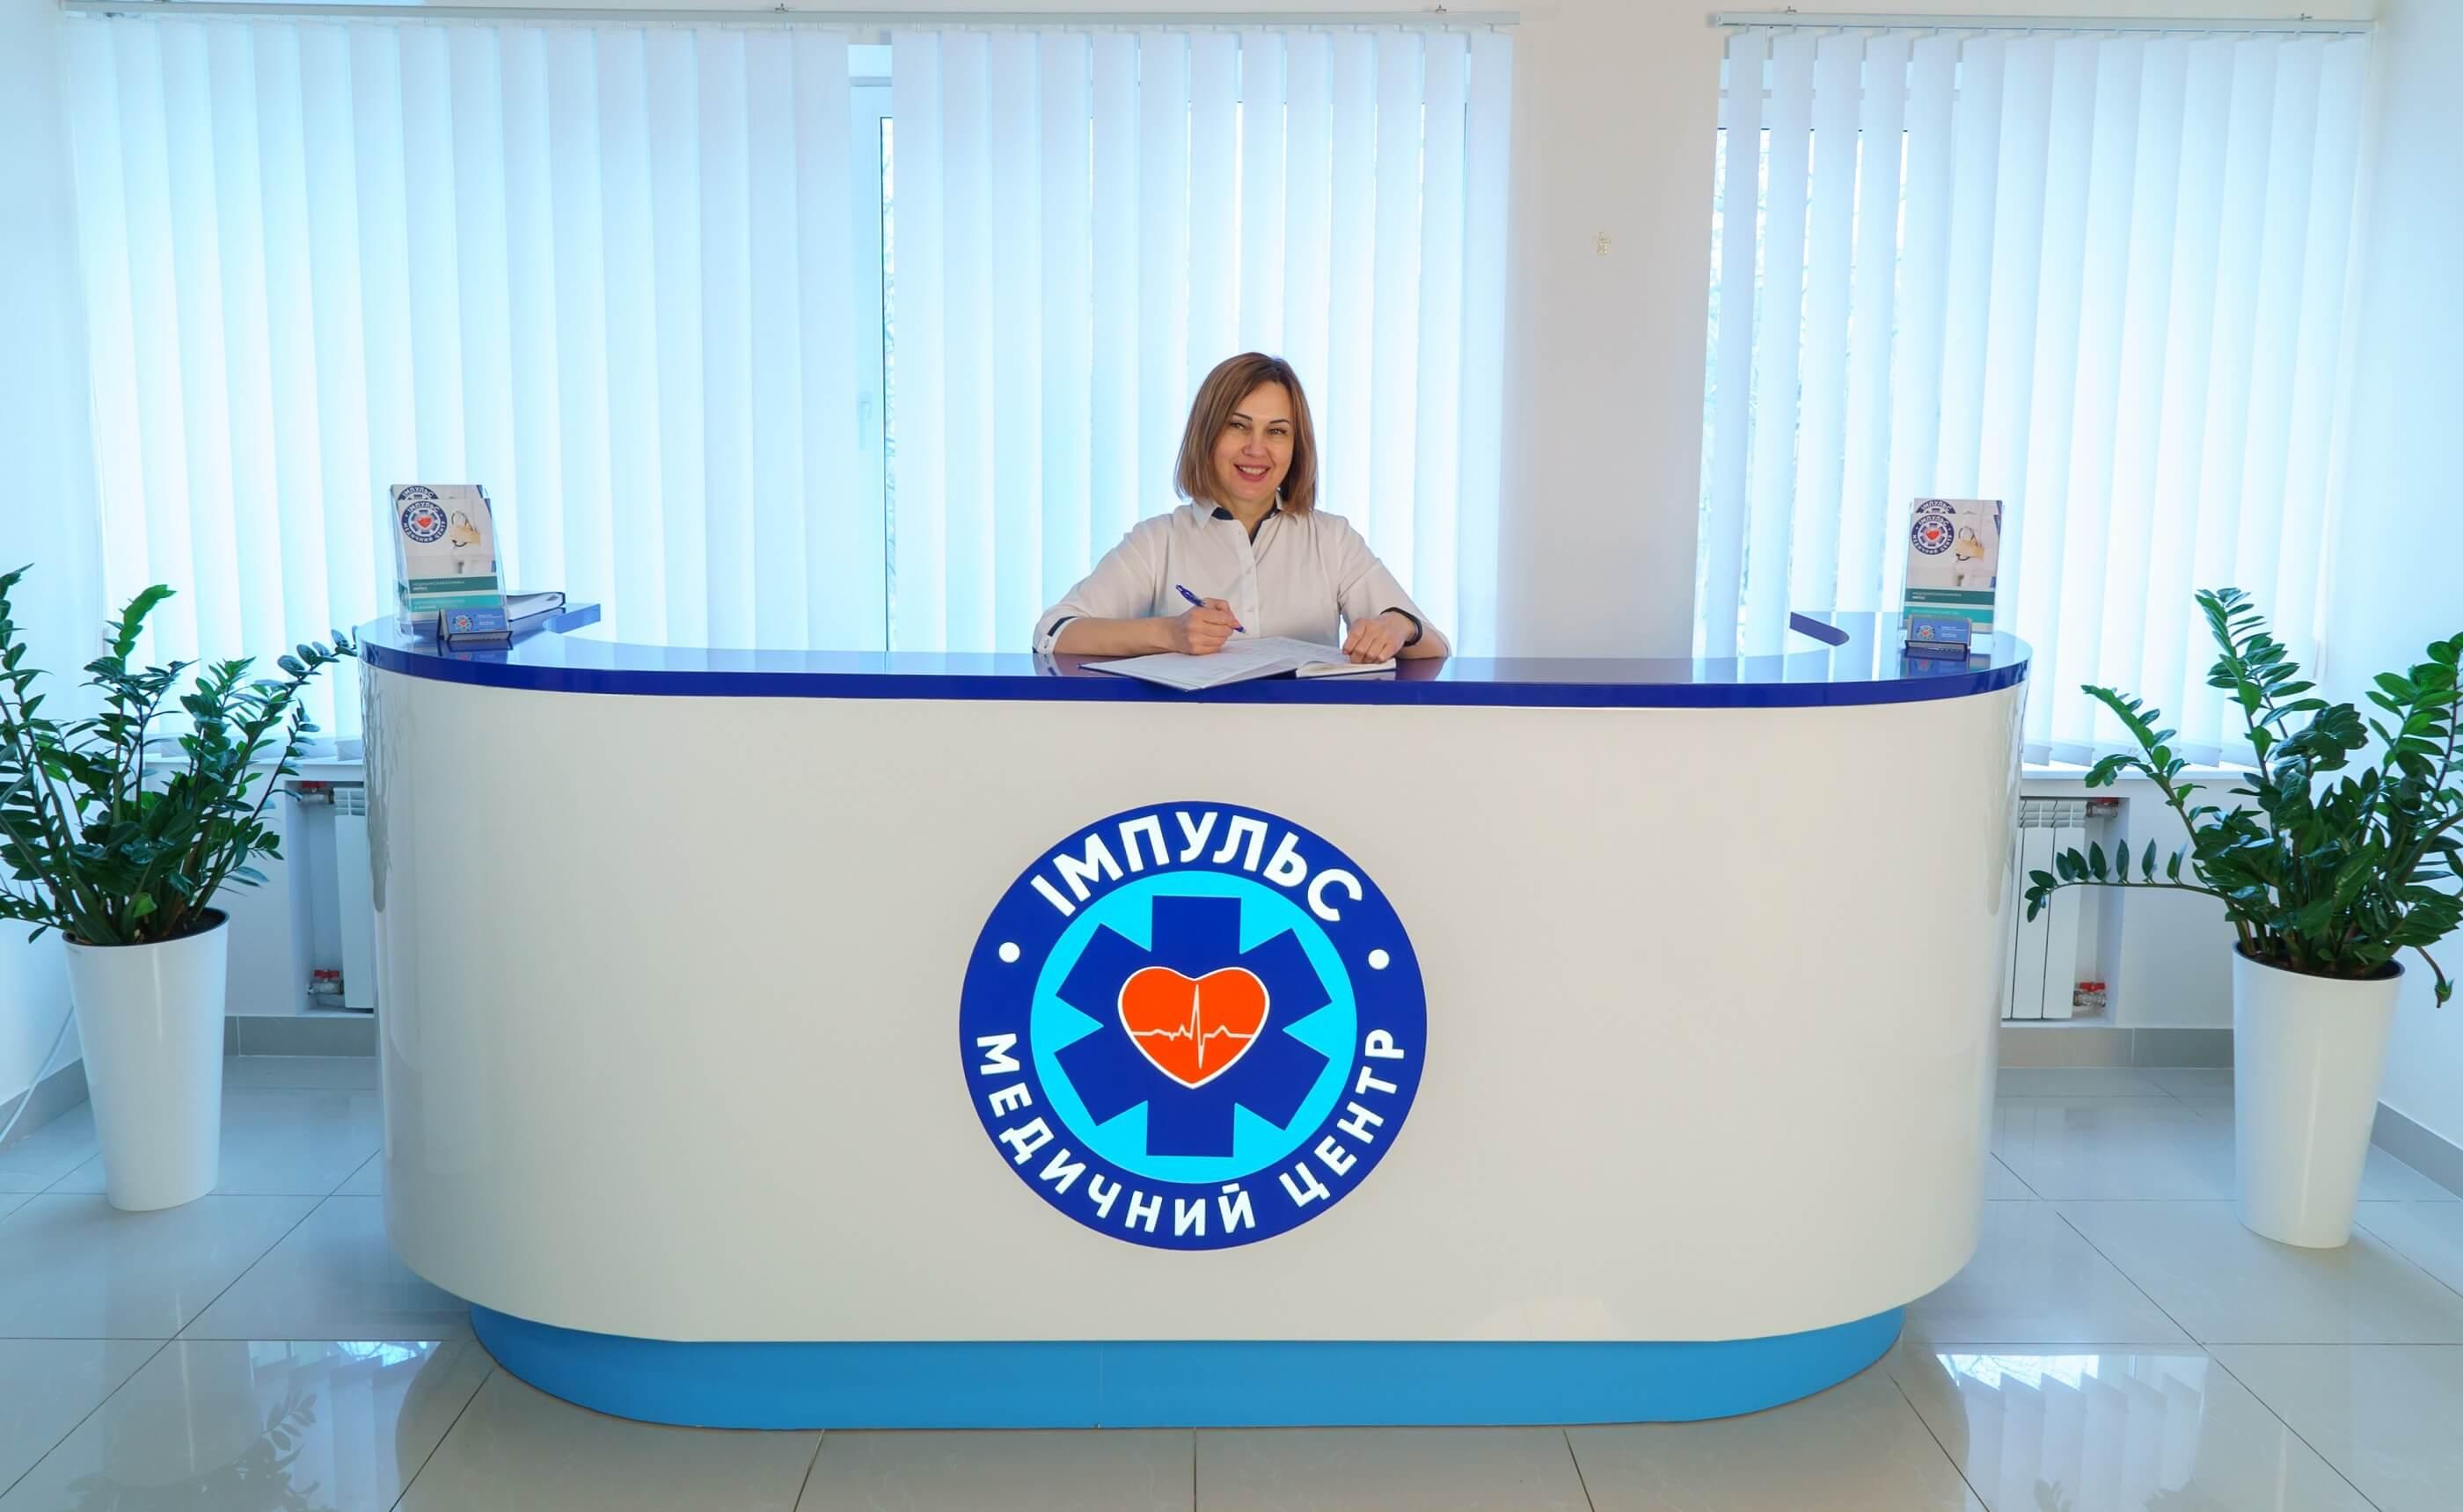 Стаціонарне відділення клініки ІМПУЛЬС